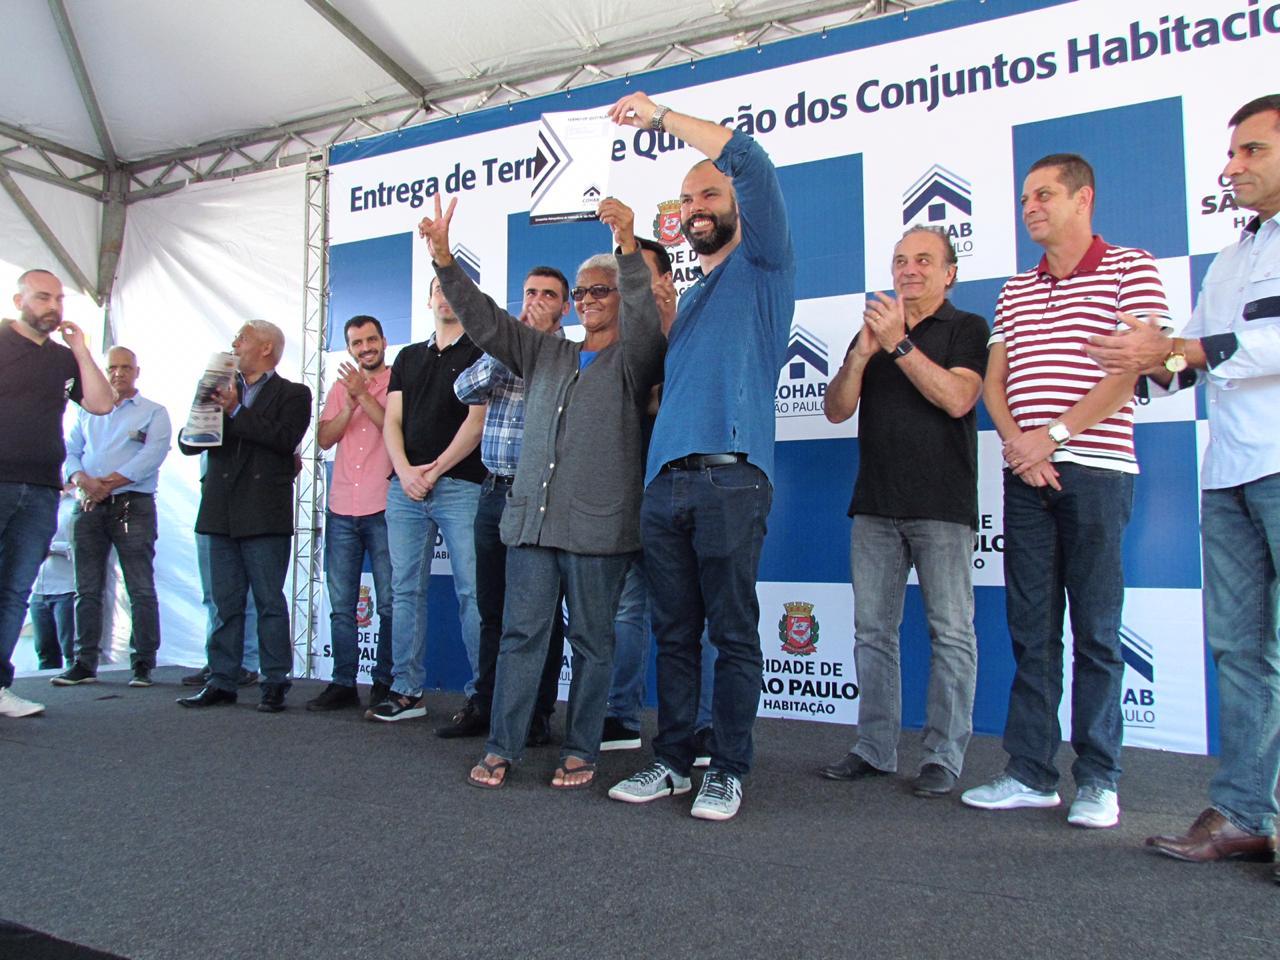 A foto está mostrando o prefeito de São Paulo Bruno Covas e uma mutuária segurando o termo de quitação e sorrindo. Ao lado deles estão vários trabalhadores do setor público aplaudindo.